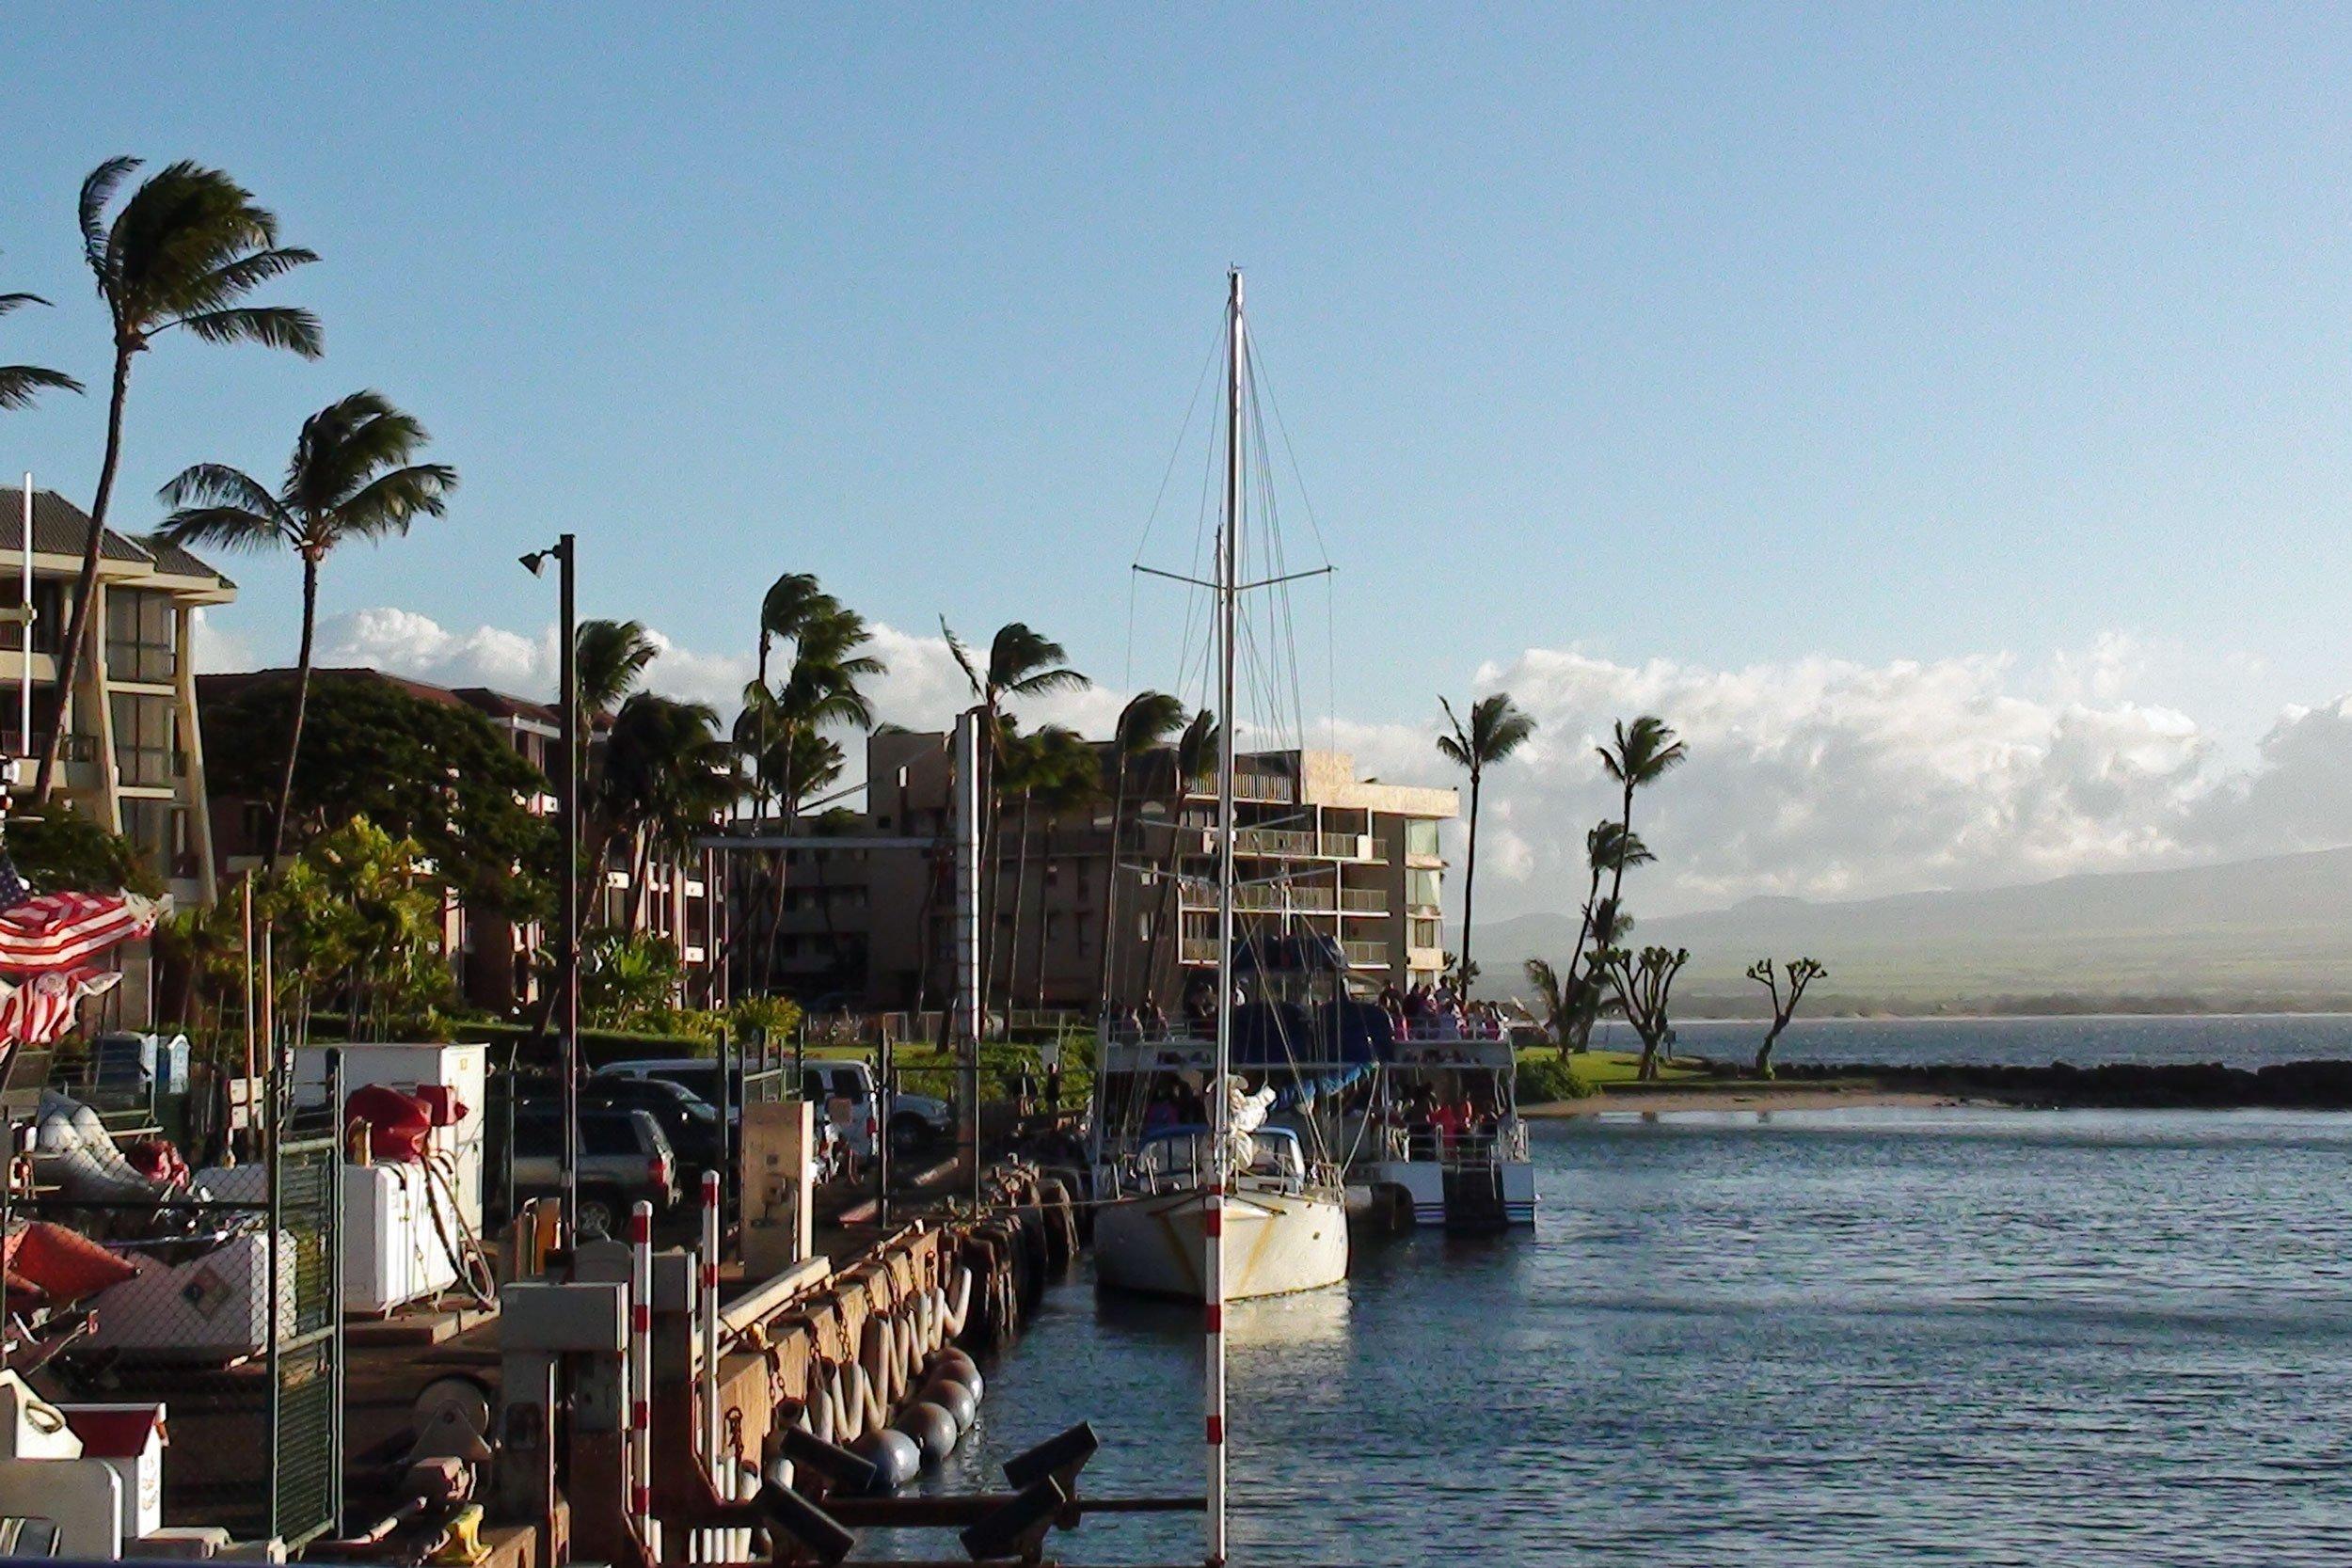 Maalaea Harbor, Maui